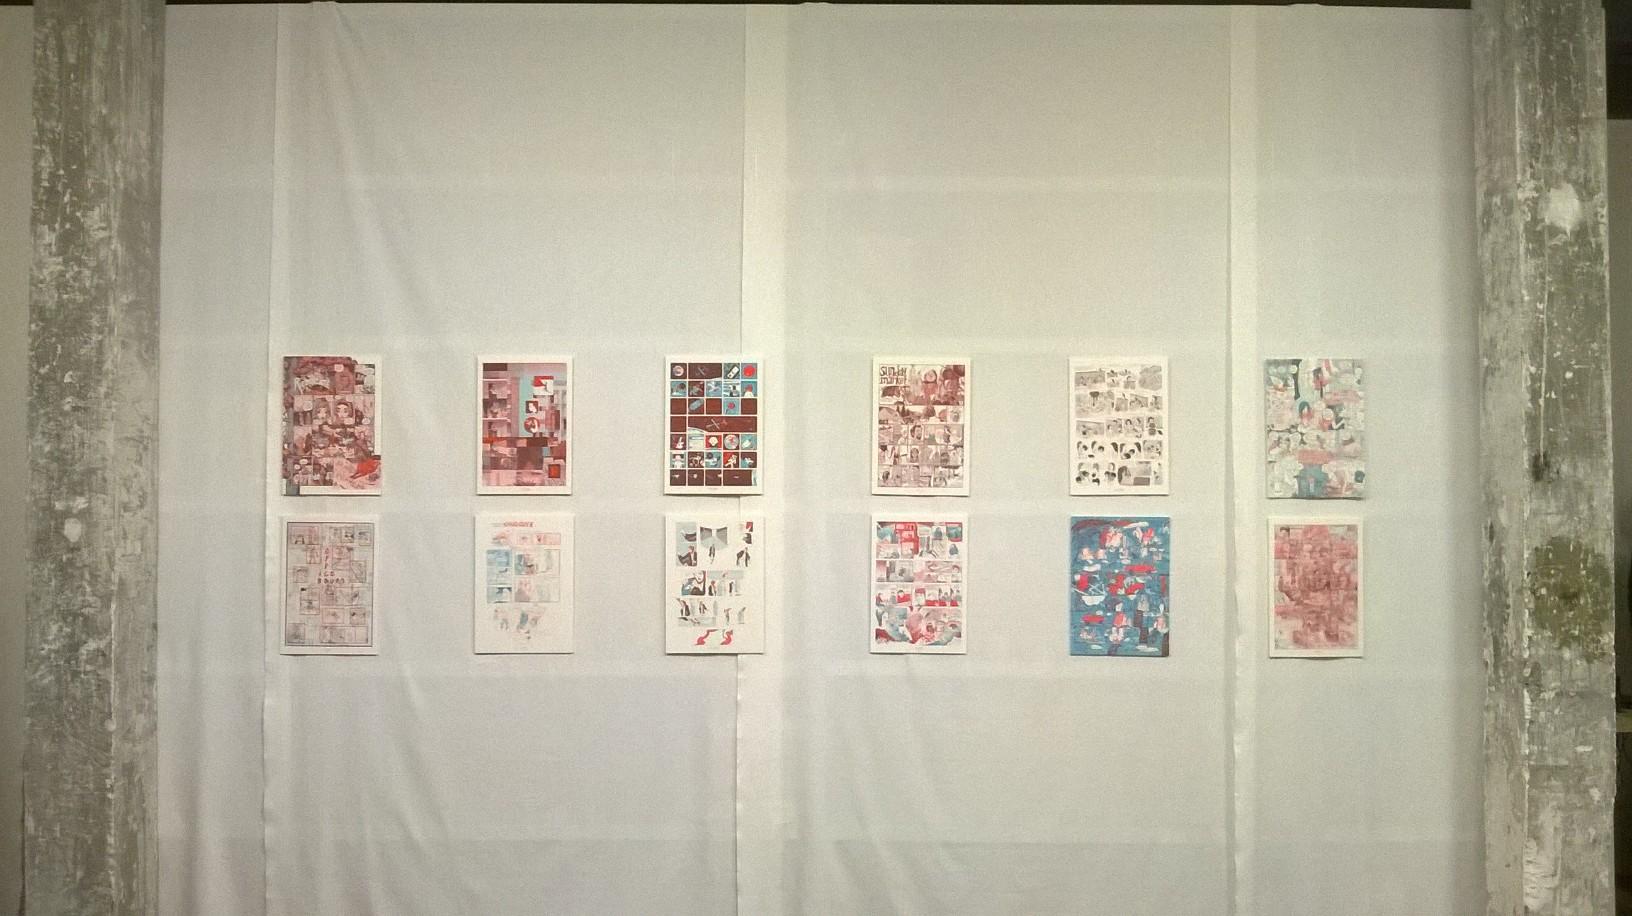 Sunday: la mostra di Delebile a Treviso al TCBF 2015